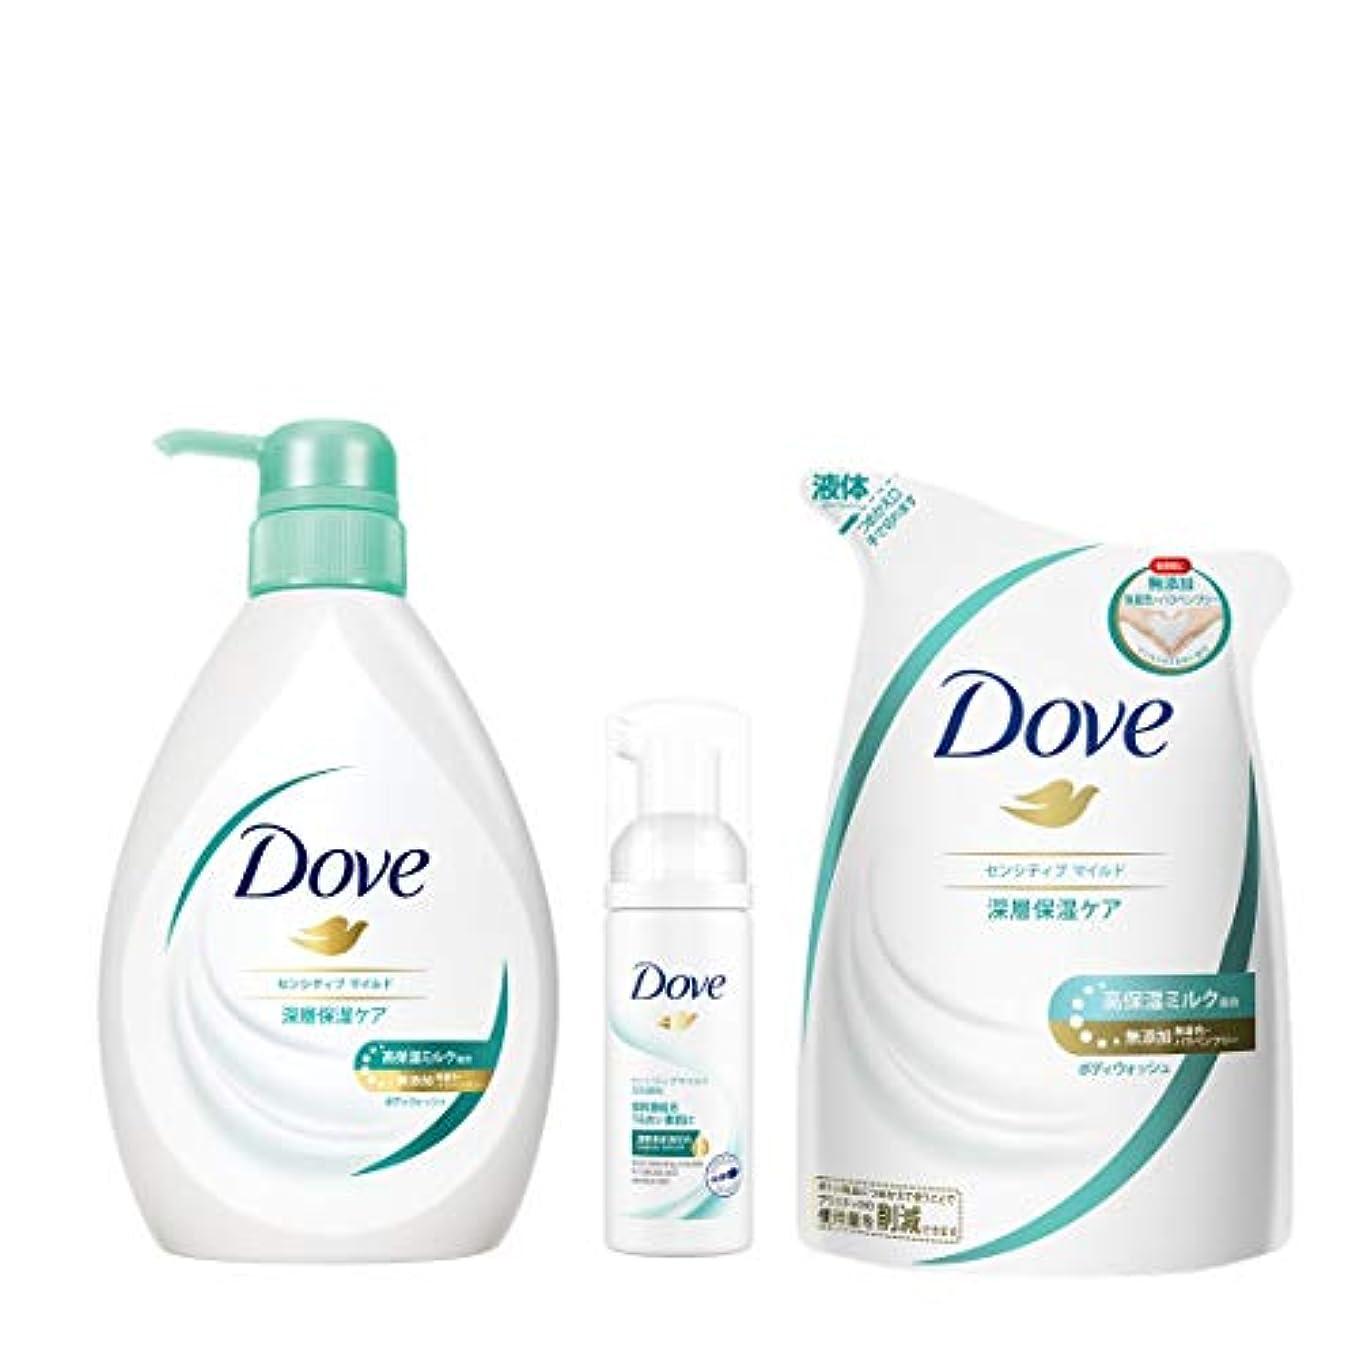 目の前の倍率木【Amazon.co.jp限定】 Dove(ダヴ) ダヴBWセンシティブマイルド ポンプ+替え+おまけ ボディソープ 500g+360+おまけ付